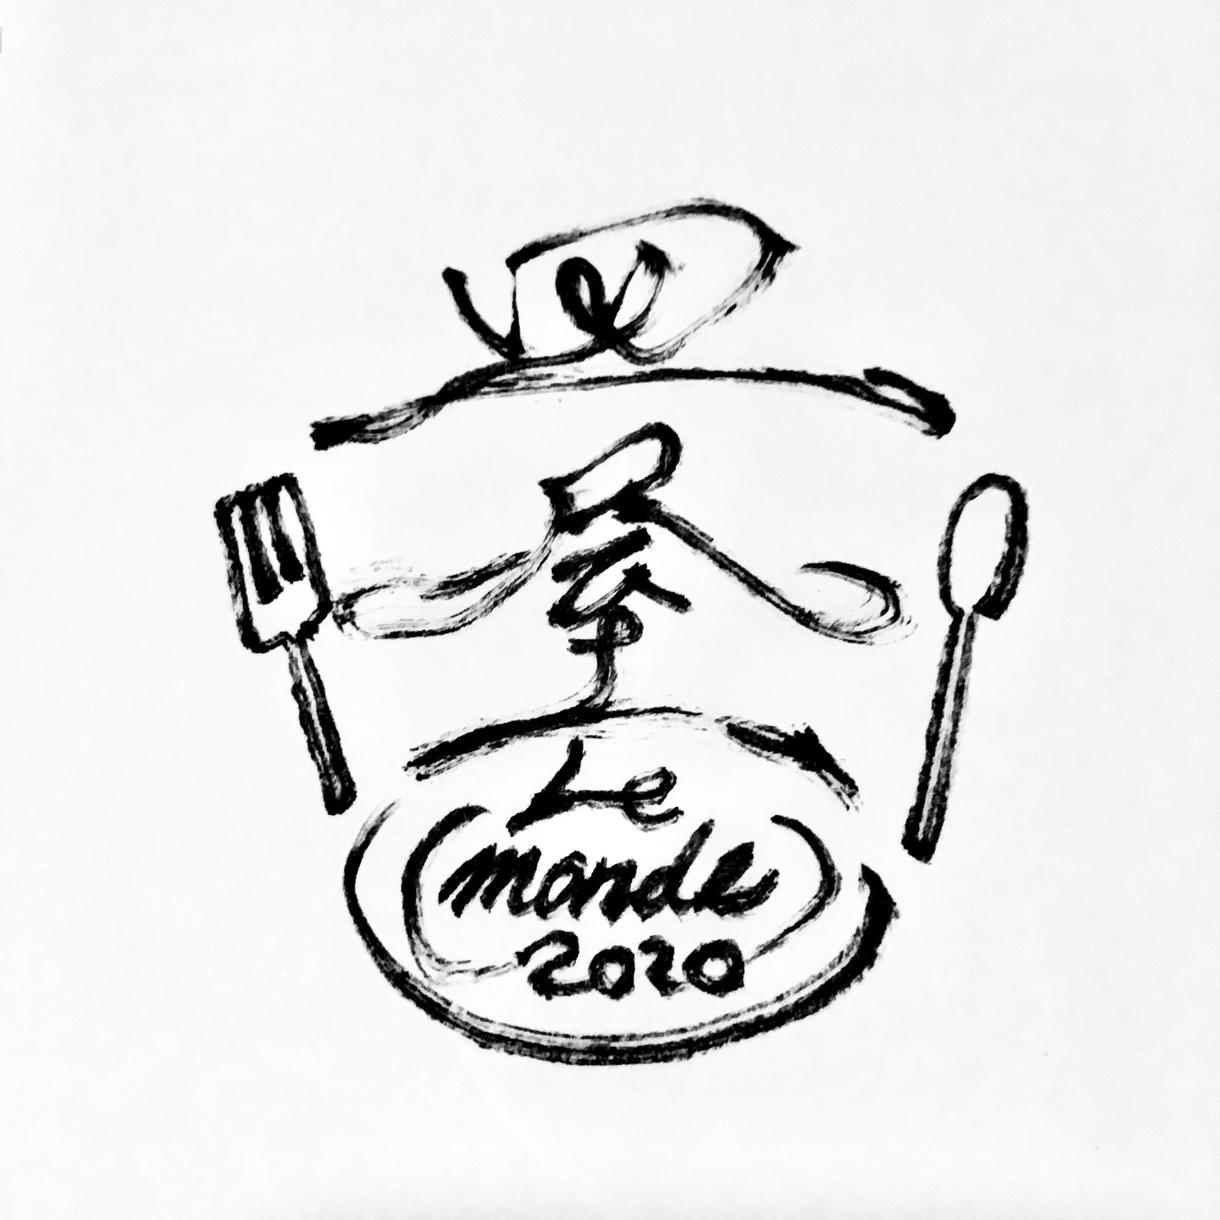 味のある筆文字でロゴ作ります お酒やお米、ラーメンなど飲食系におすすめ!味のある筆文字ロゴ イメージ1